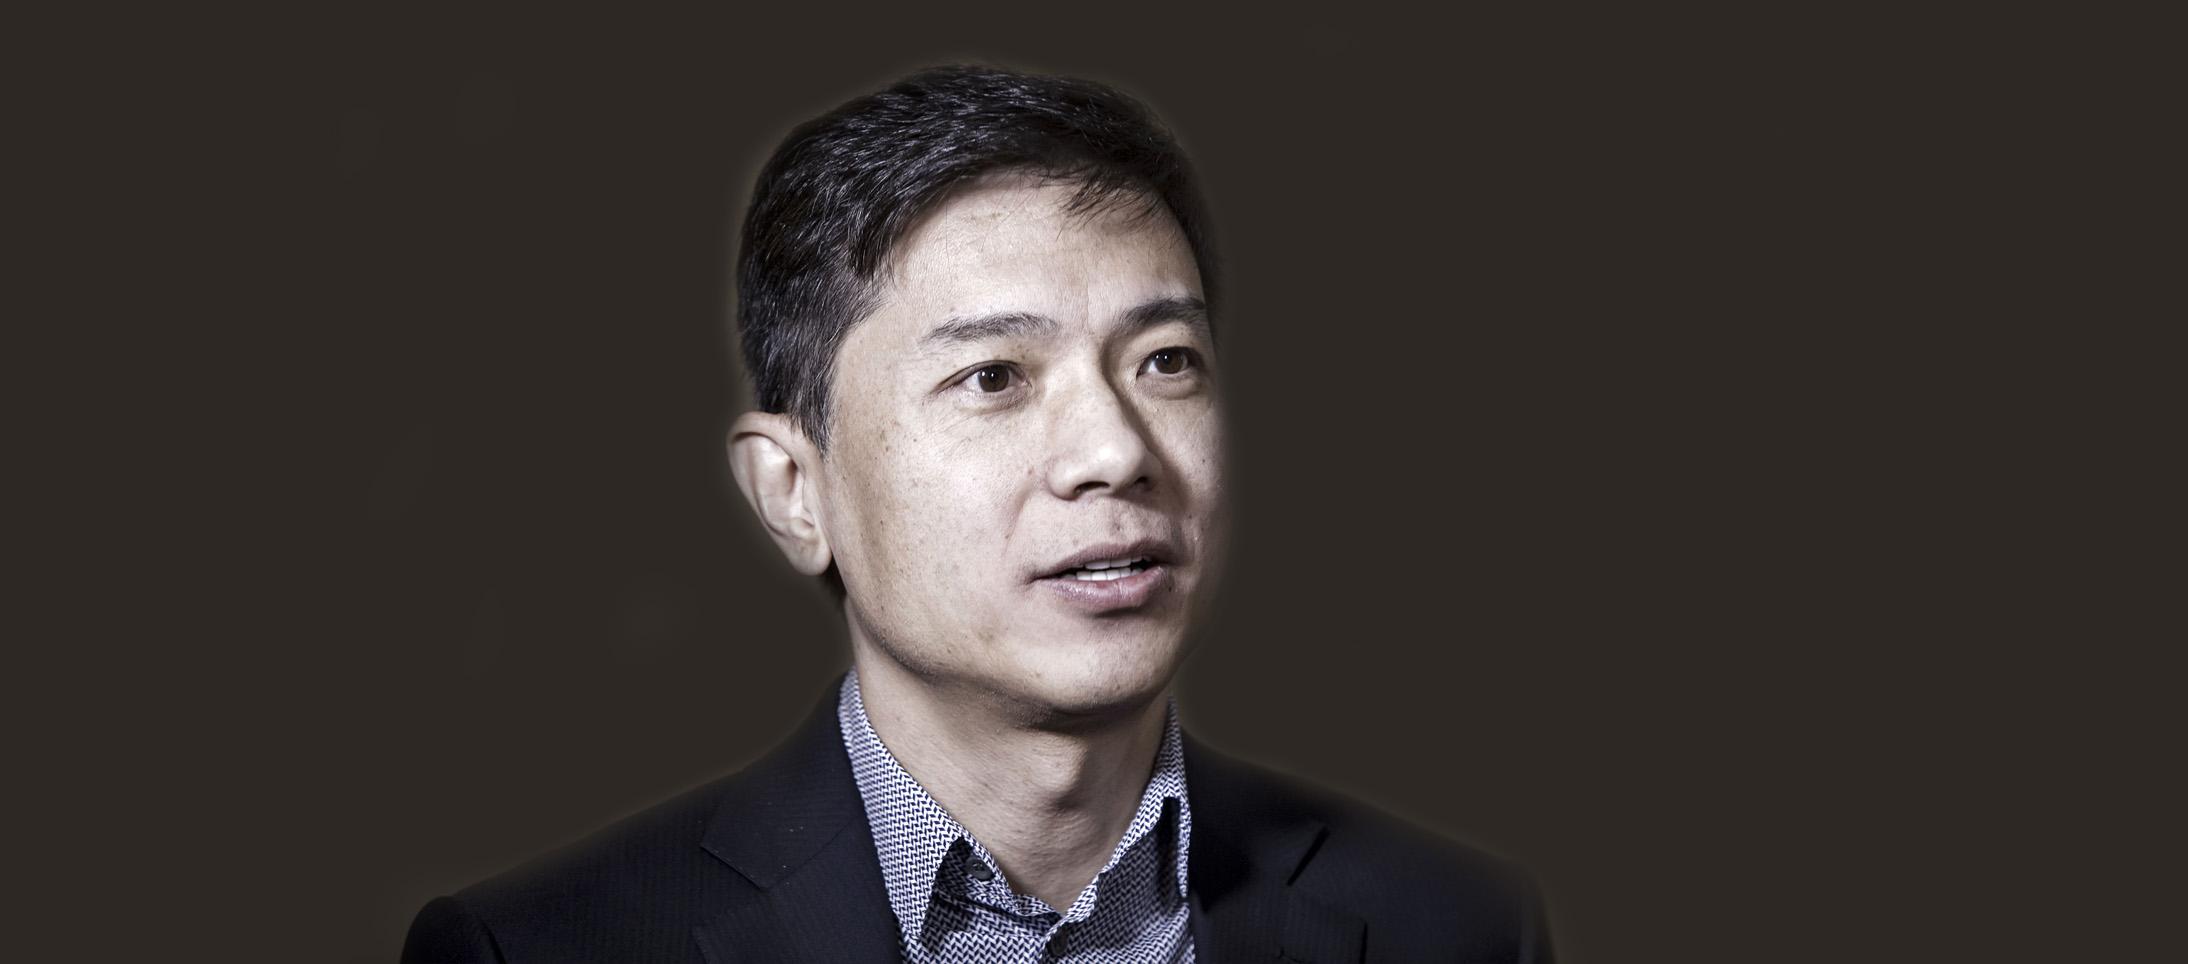 李彦宏:百度明年将推首款无人汽车 3年内无人车能完全替代司机